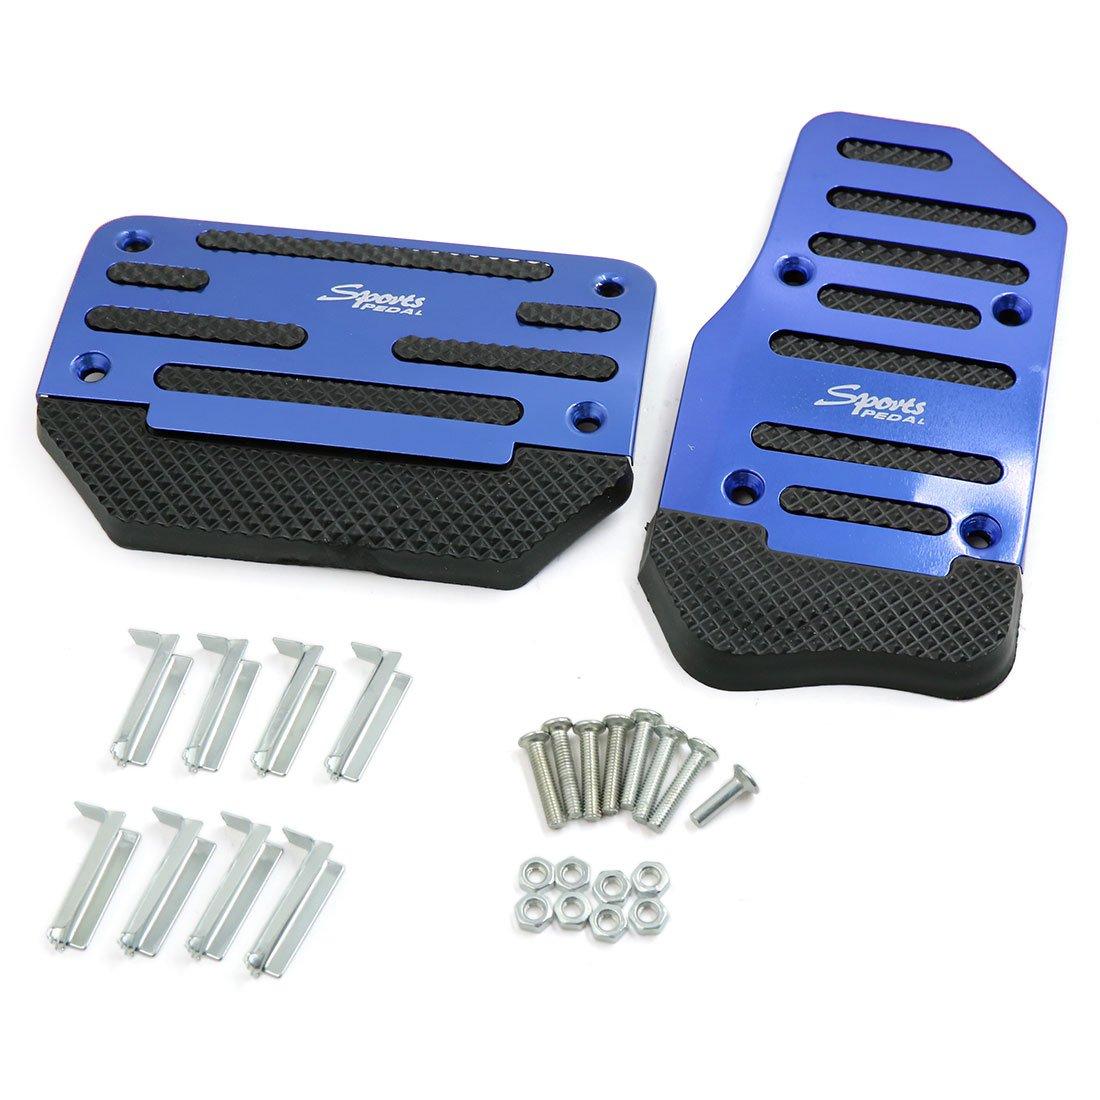 Coscienzioso Uxcell 2 In 1 Blu Auto Cambio Manuale Auto Acceleratore Frizione Pedale Del Freno Pedale Pad Con Metodi Tradizionali